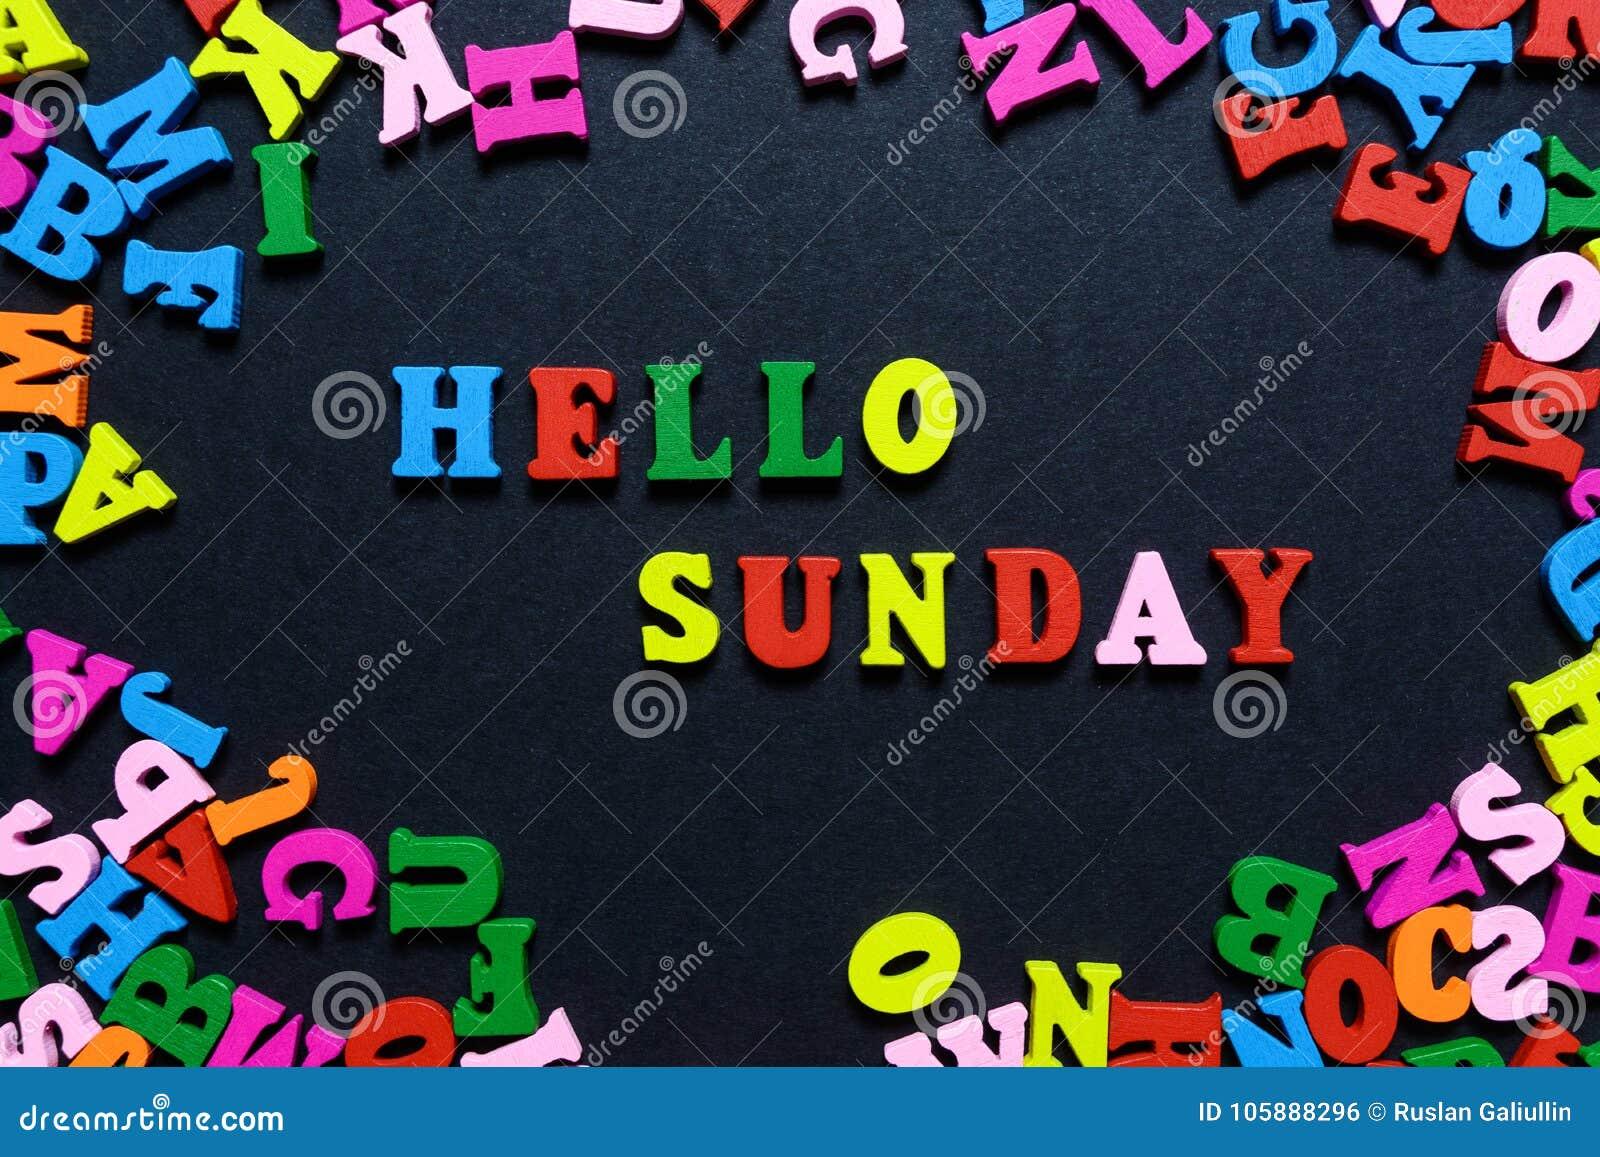 Lettere Di Legno Colorate : Progettazione di massima la parola ciao la domenica delle dalle